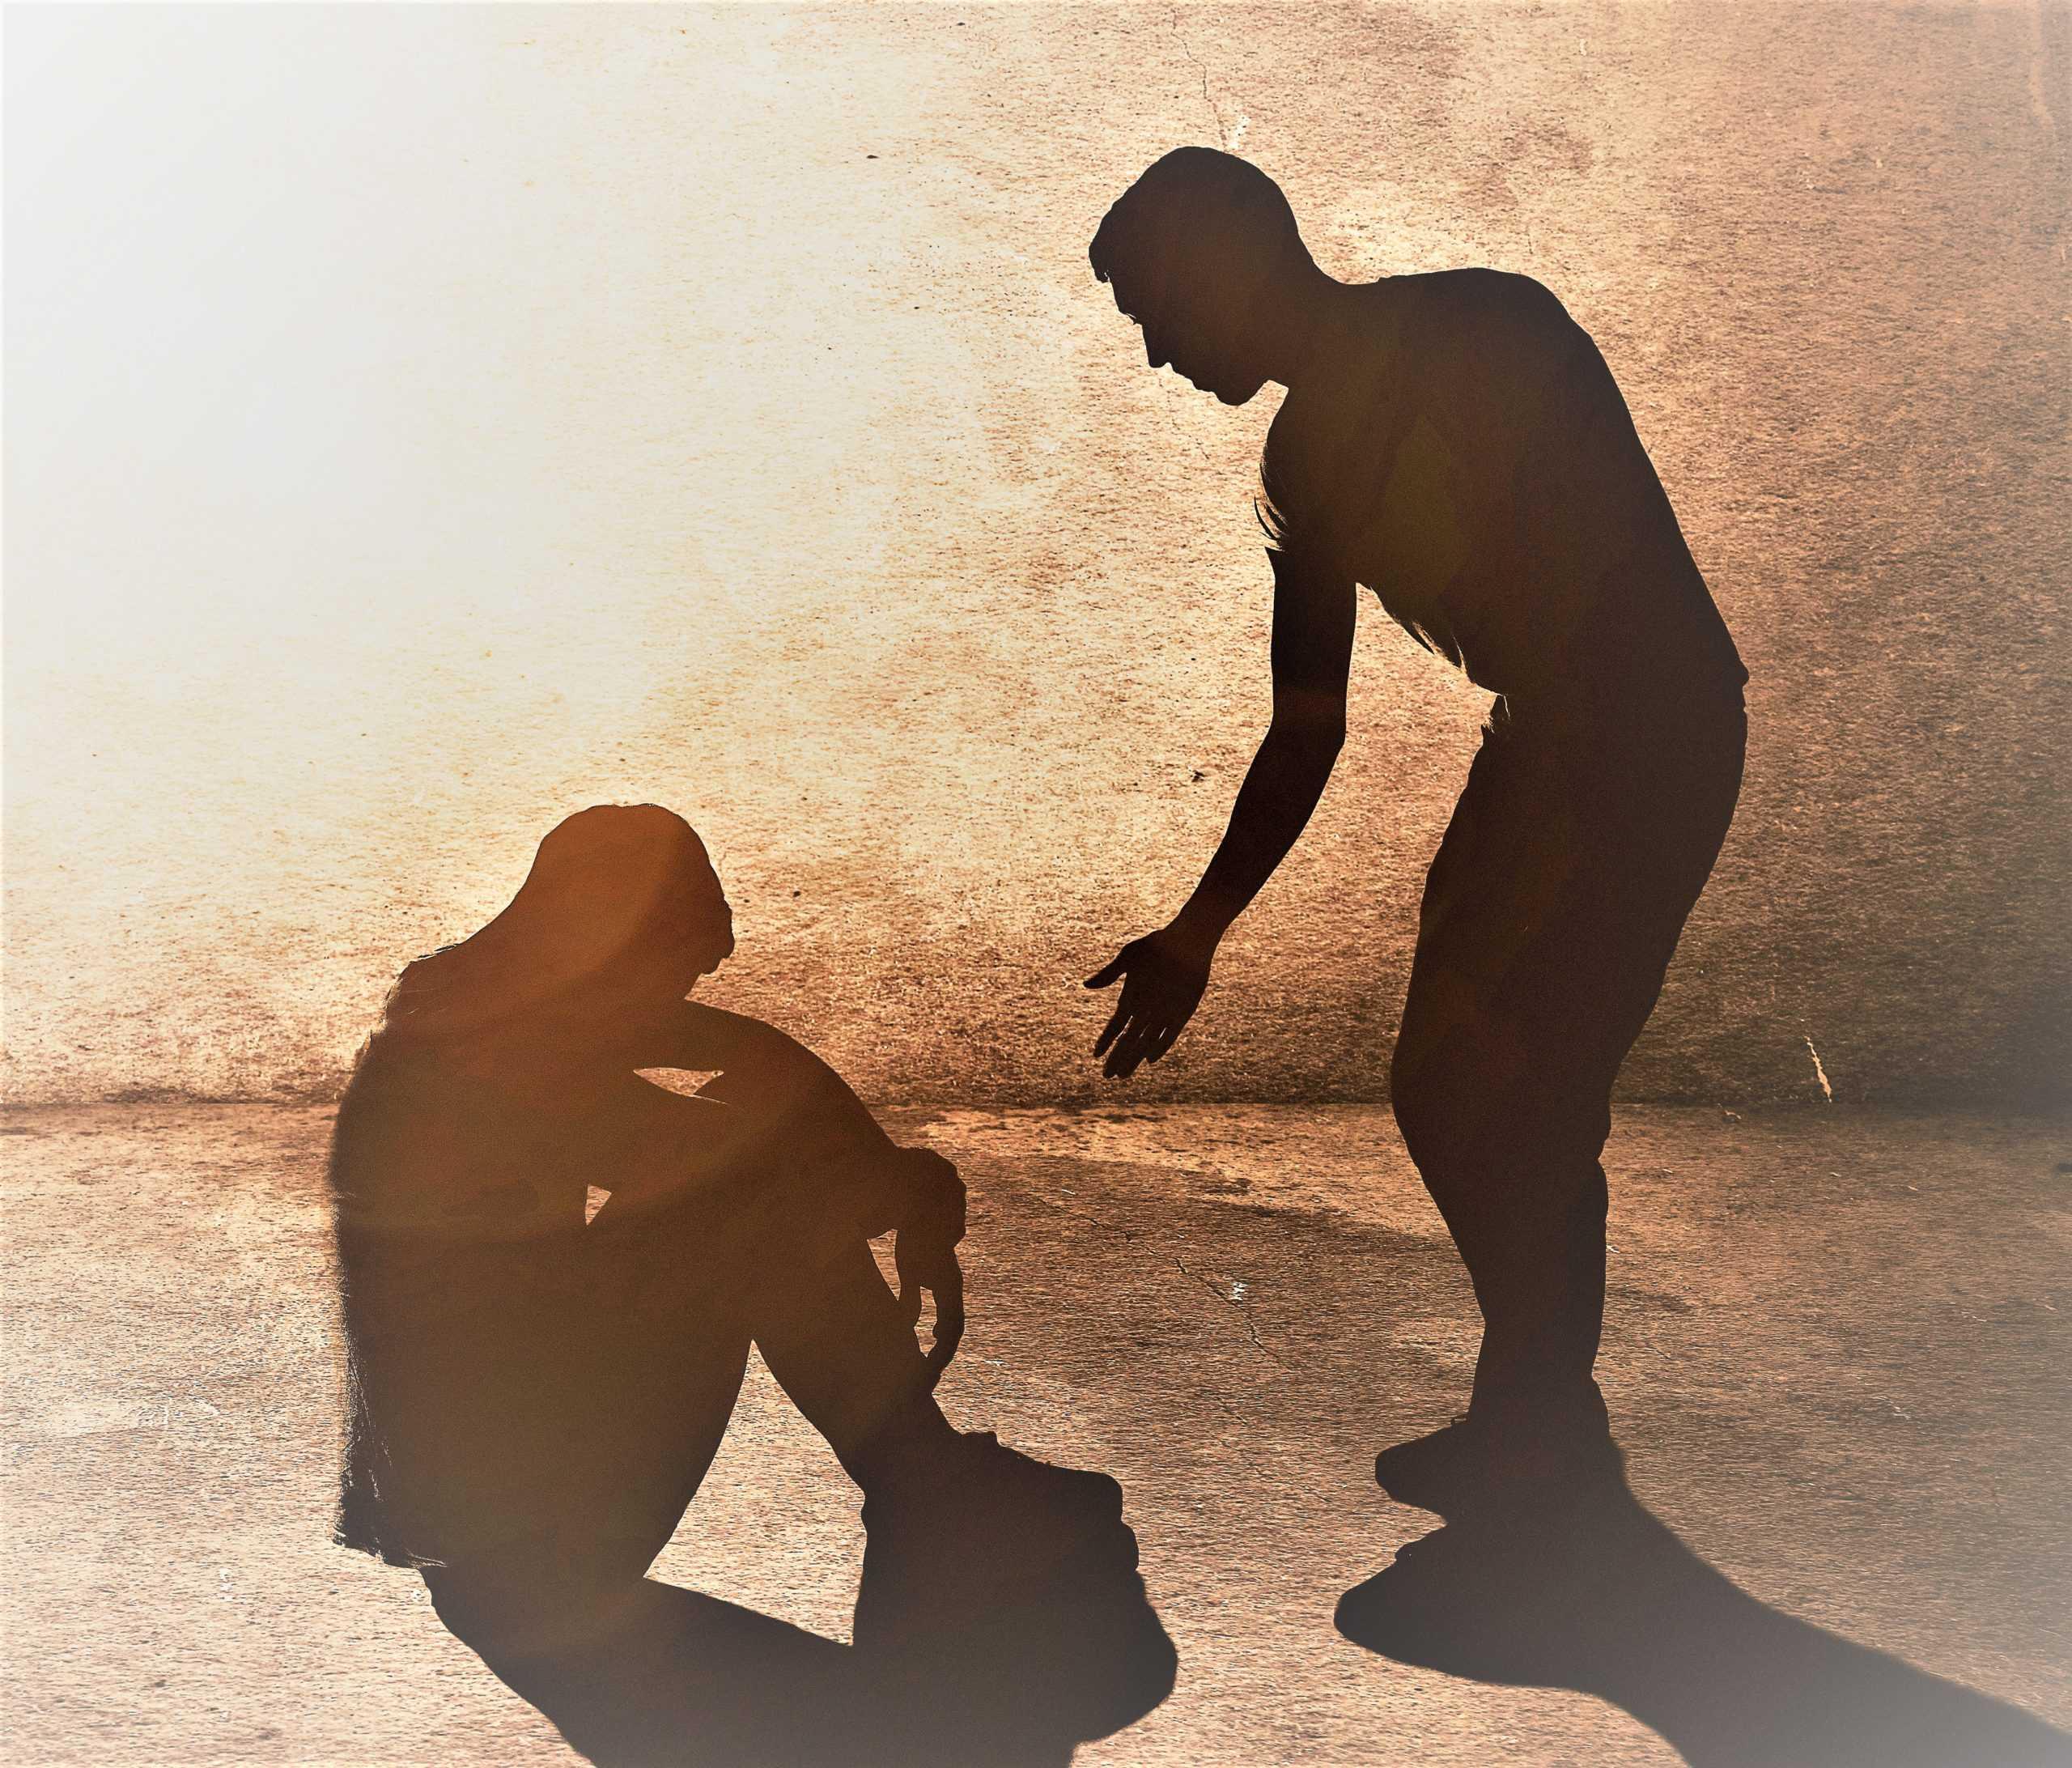 Помощь людям, попавшим в трудную жизненную ситуацию